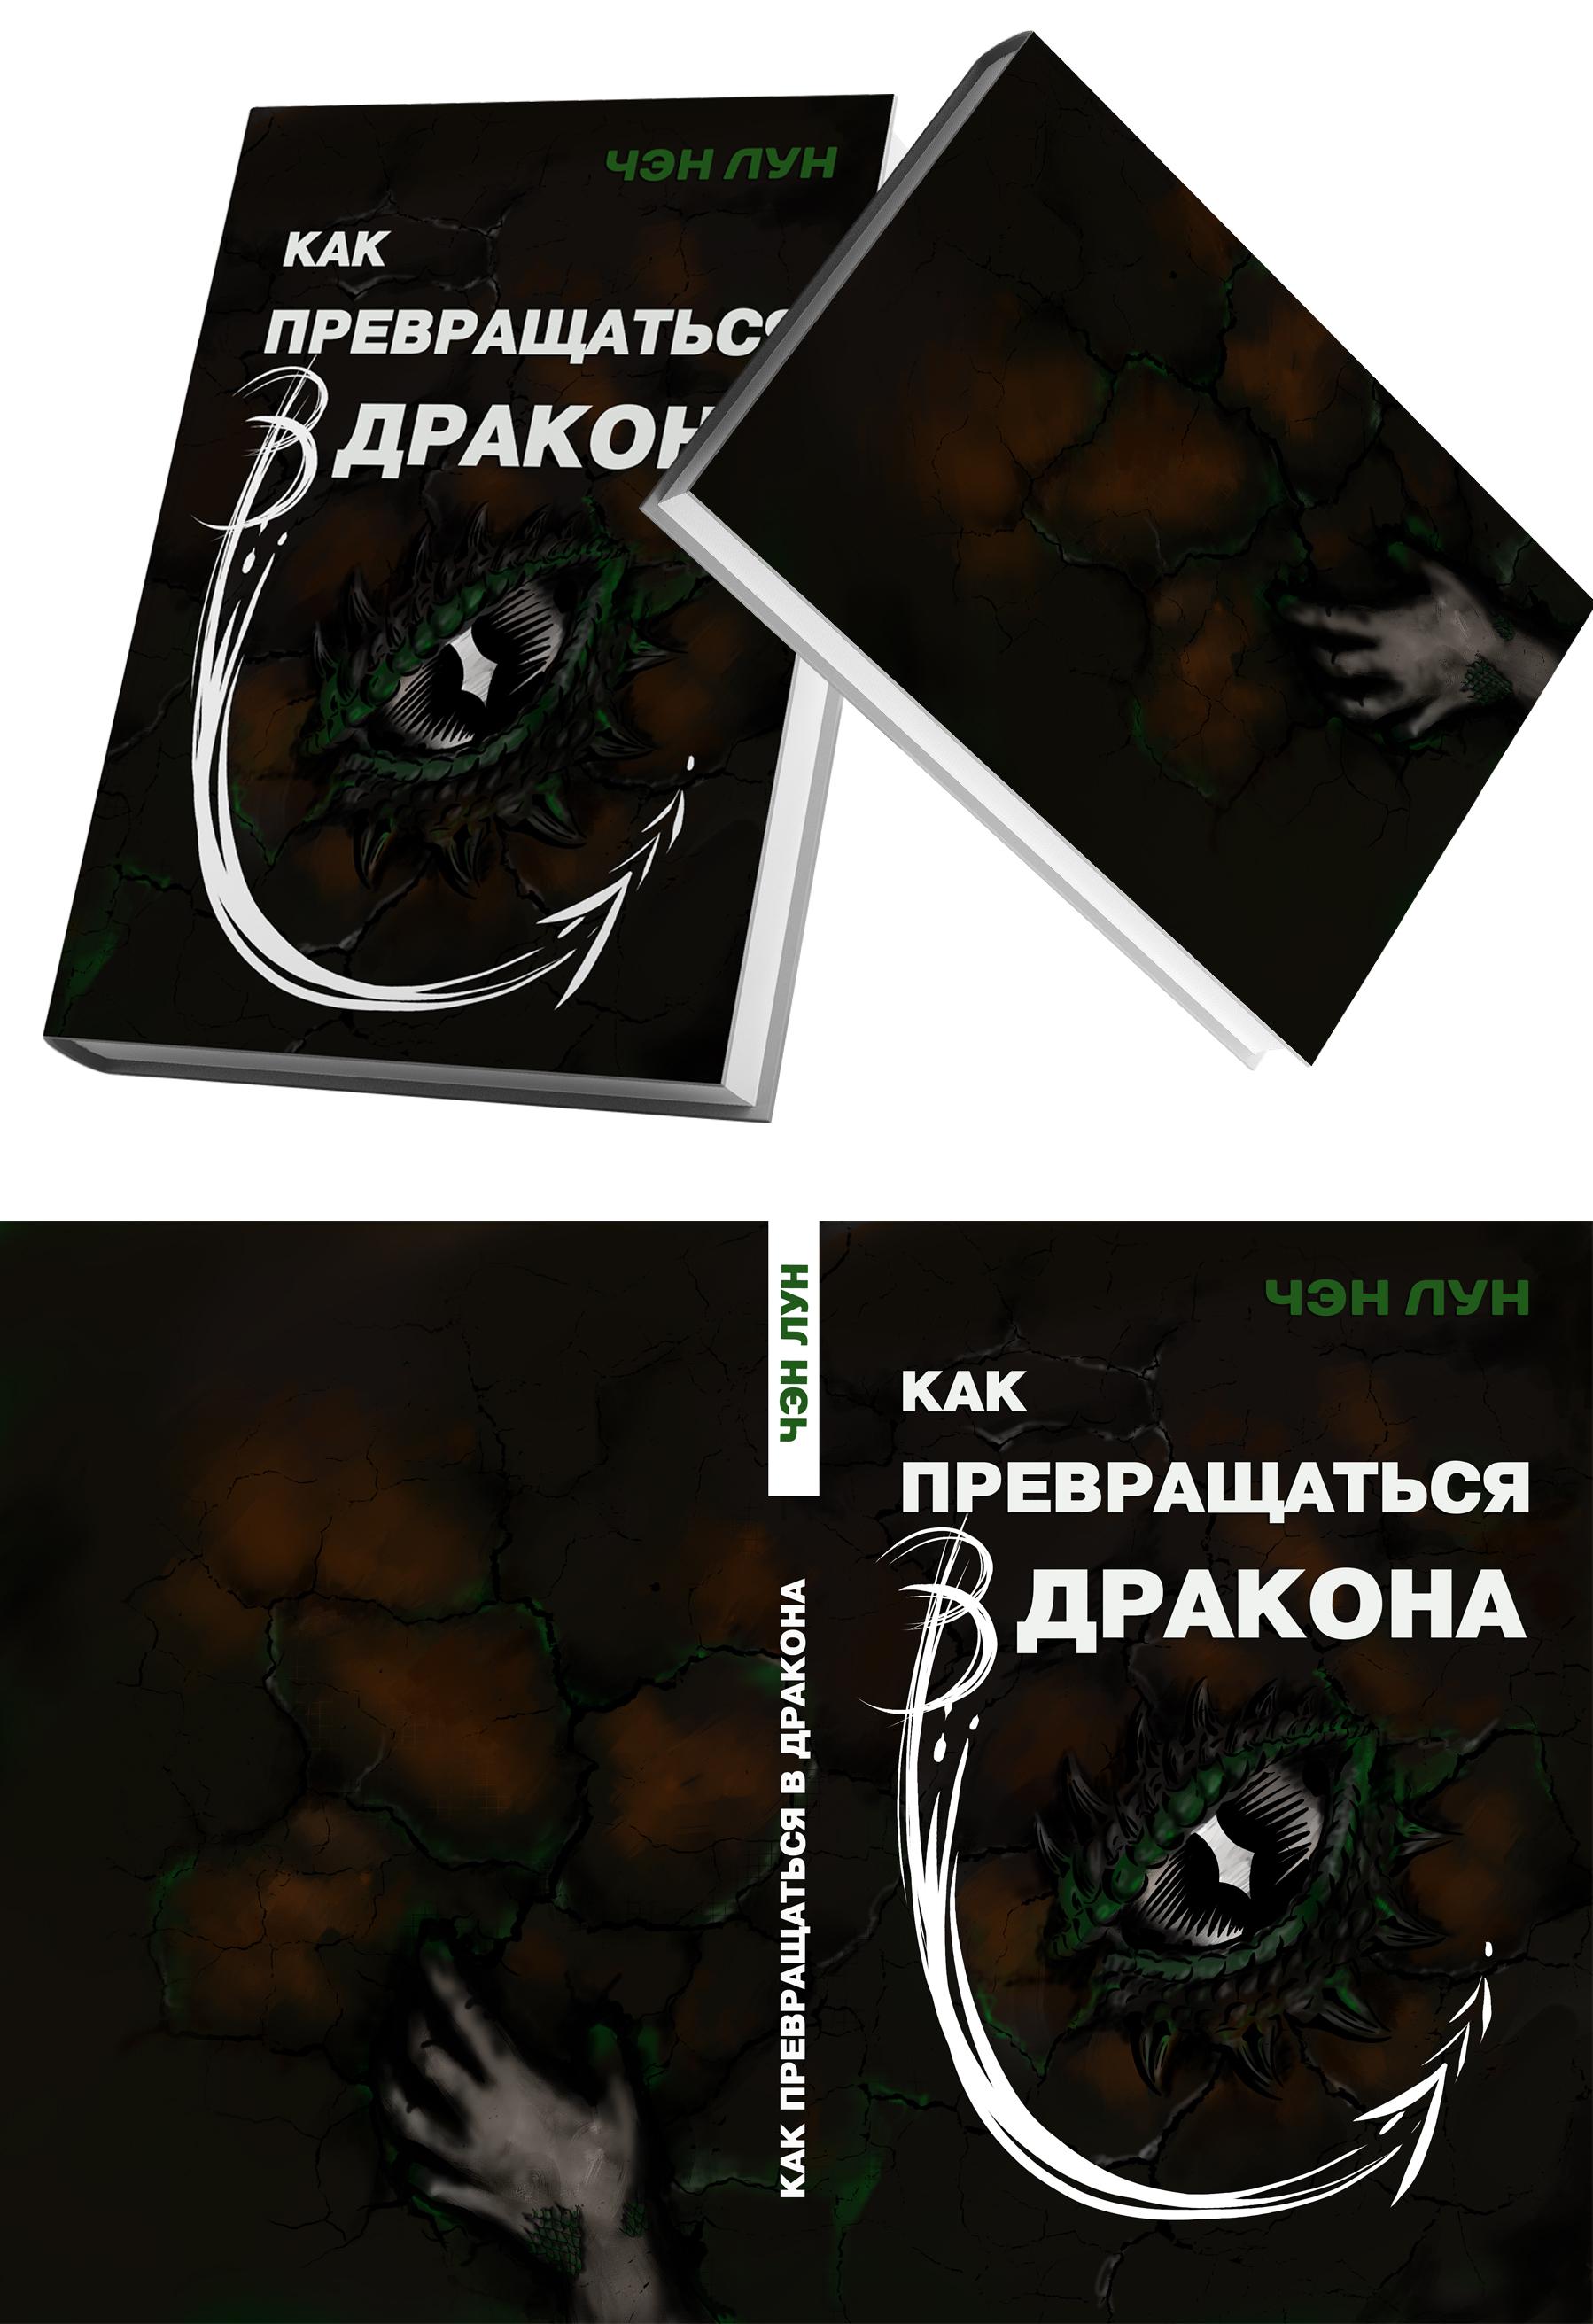 Обложка для книги фото f_0265f45e57635abb.jpg